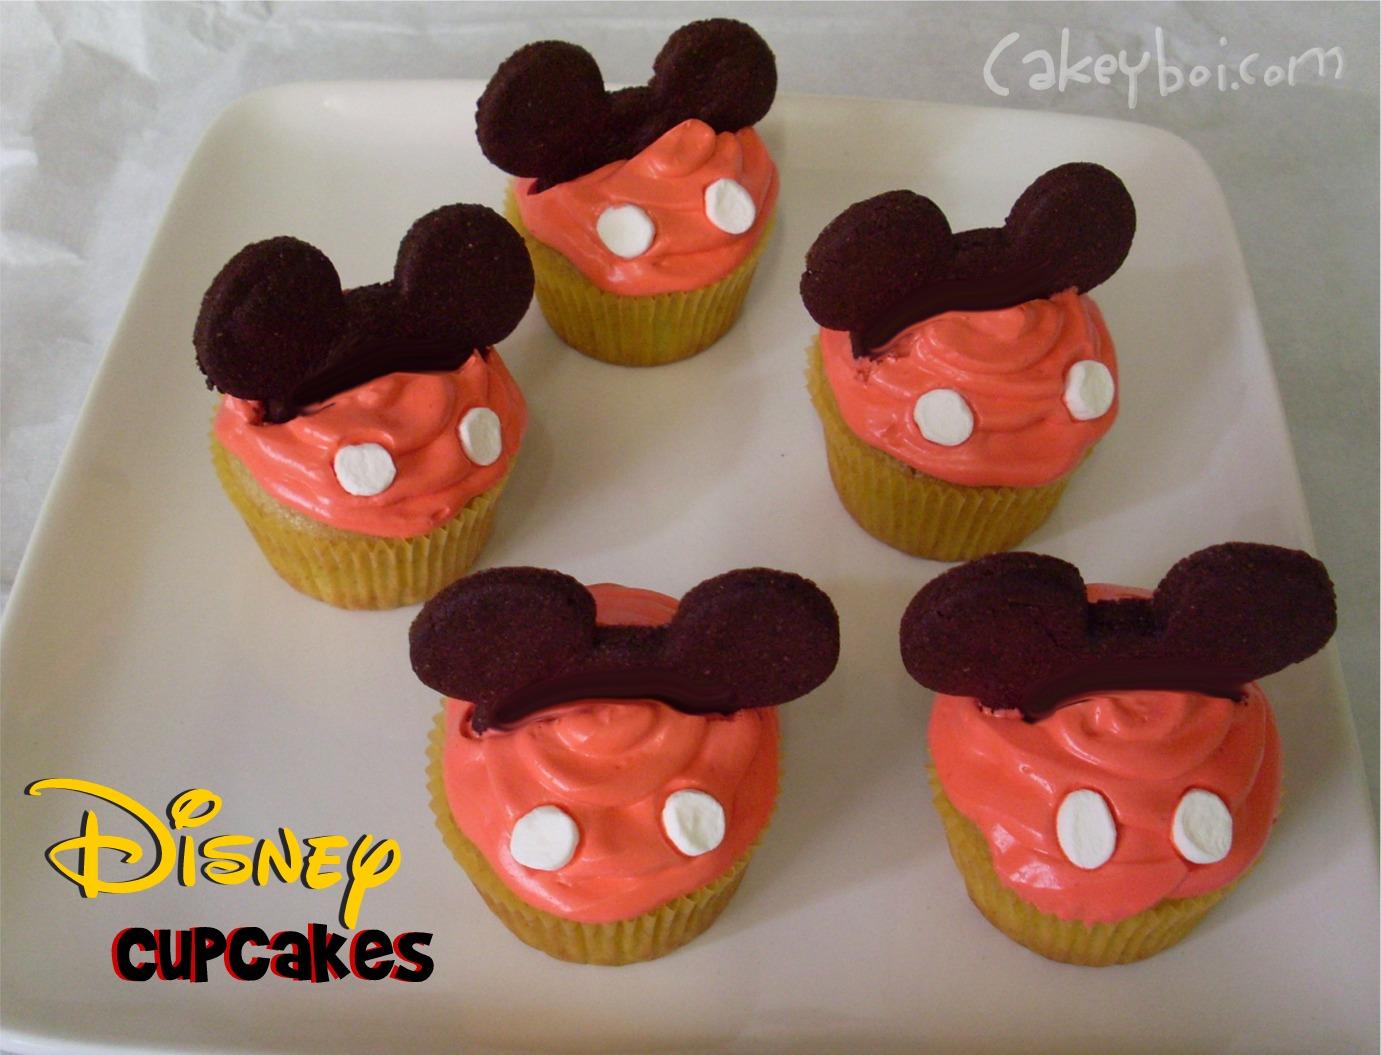 Cakeyboi Disney Cupcakes